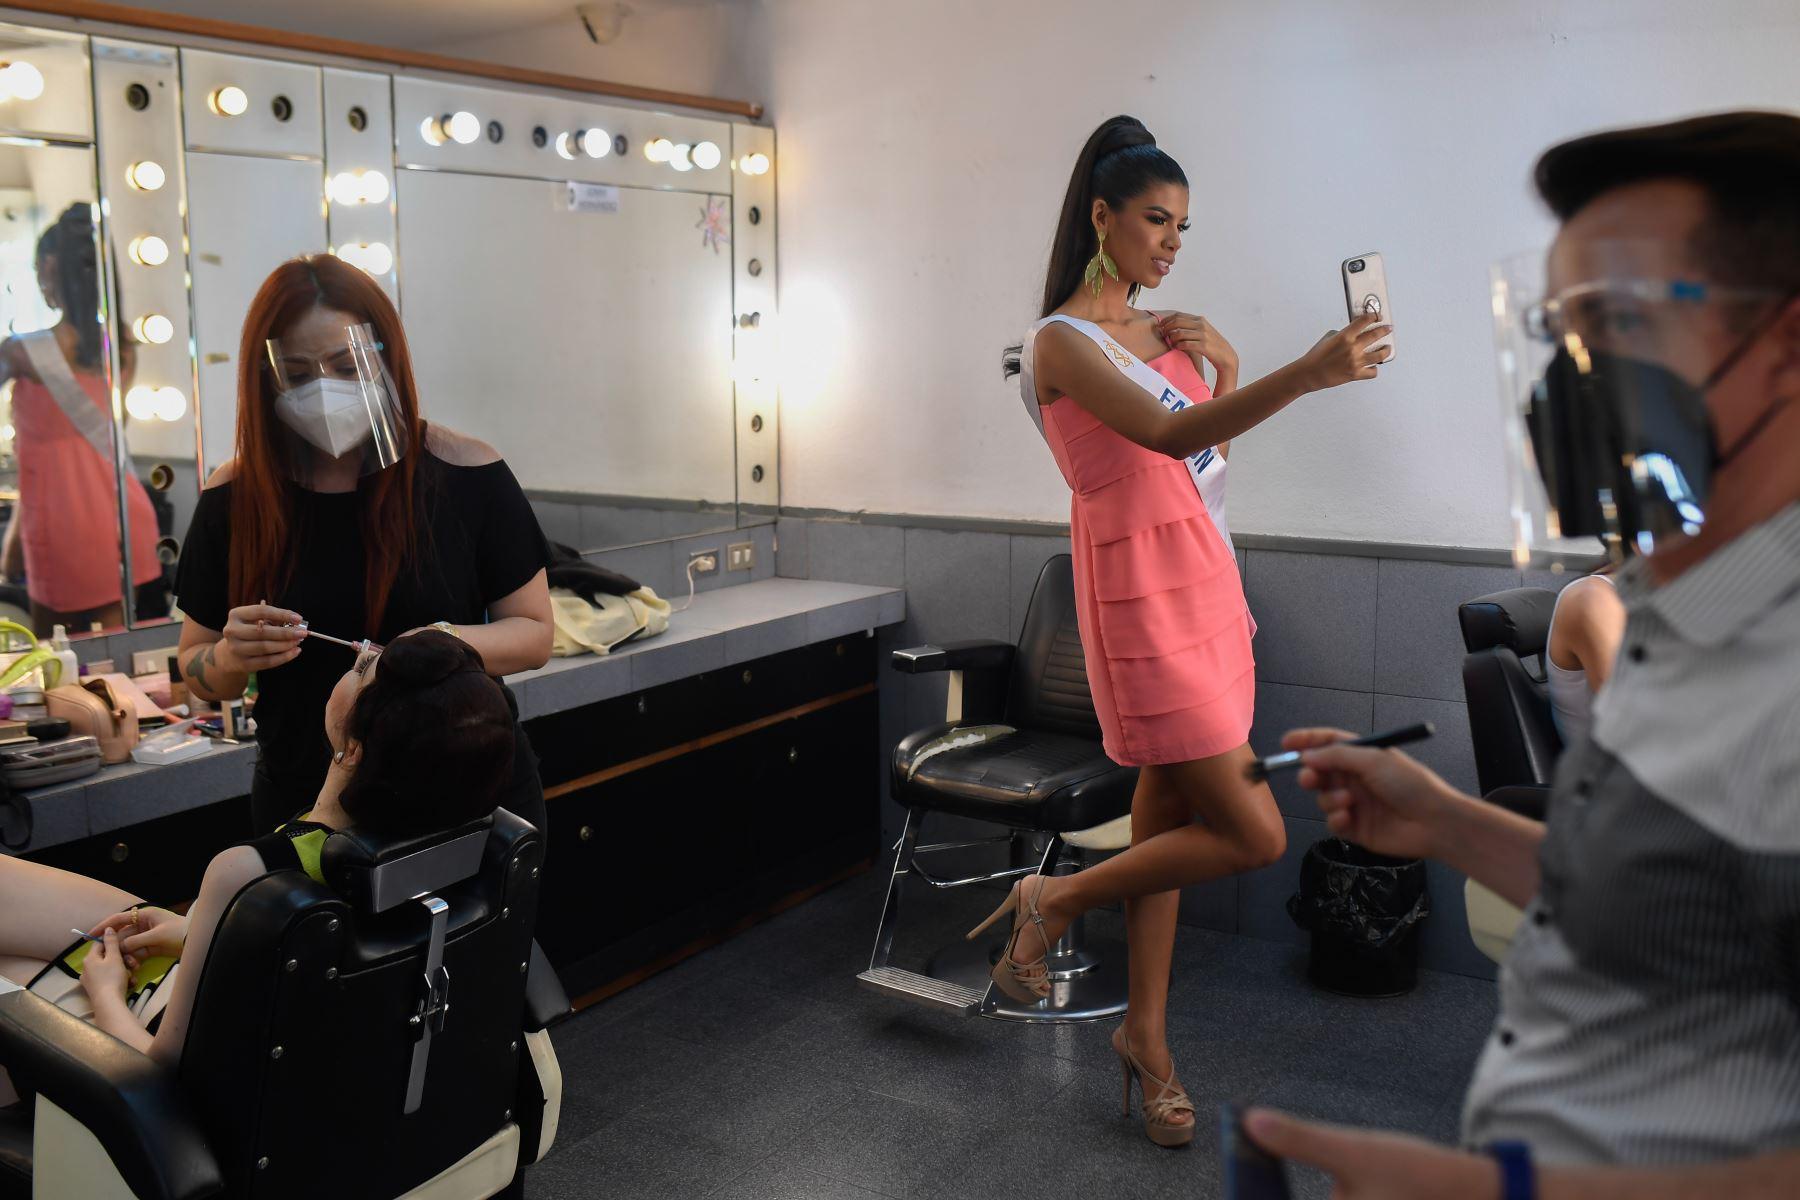 La concursante venezolana, Betzabeth Hernández, se toma una selfie en el camerino antes de reunirse con los jueces del certamen. Foto: AFP